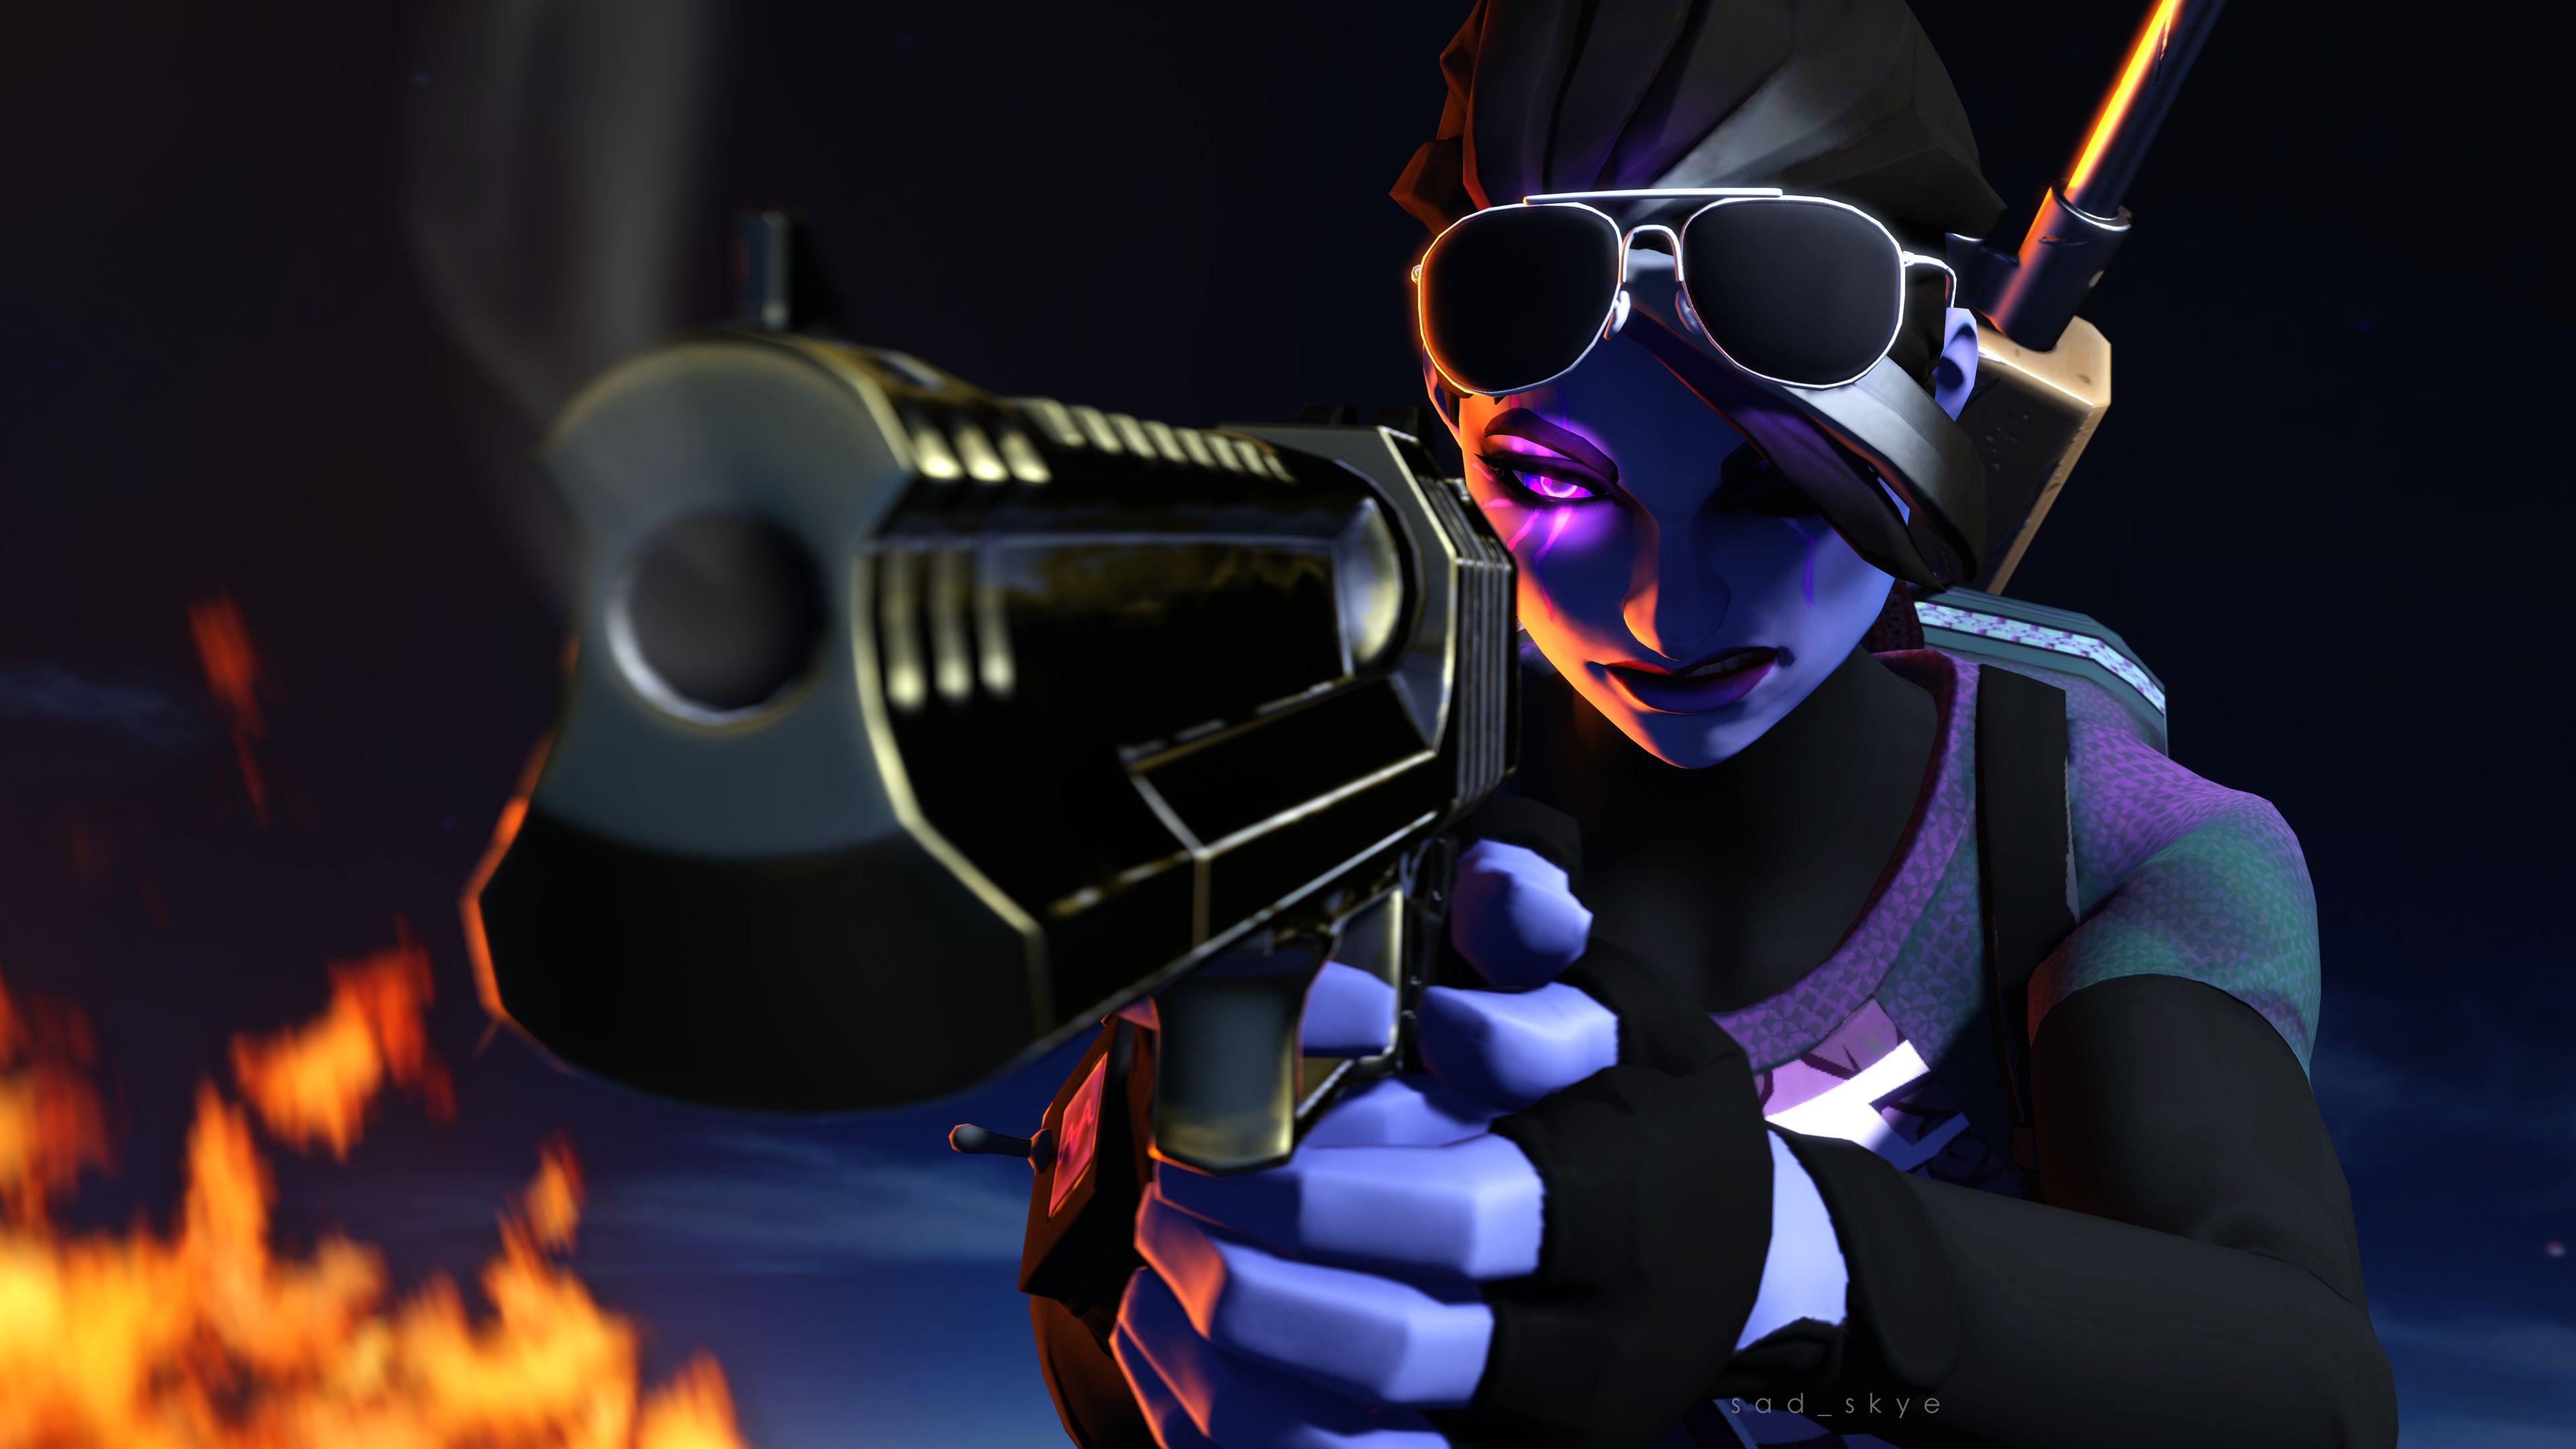 Dark Bomber Pistol Fortnite Battle Royale 4K 27350 Battle 3840x2160